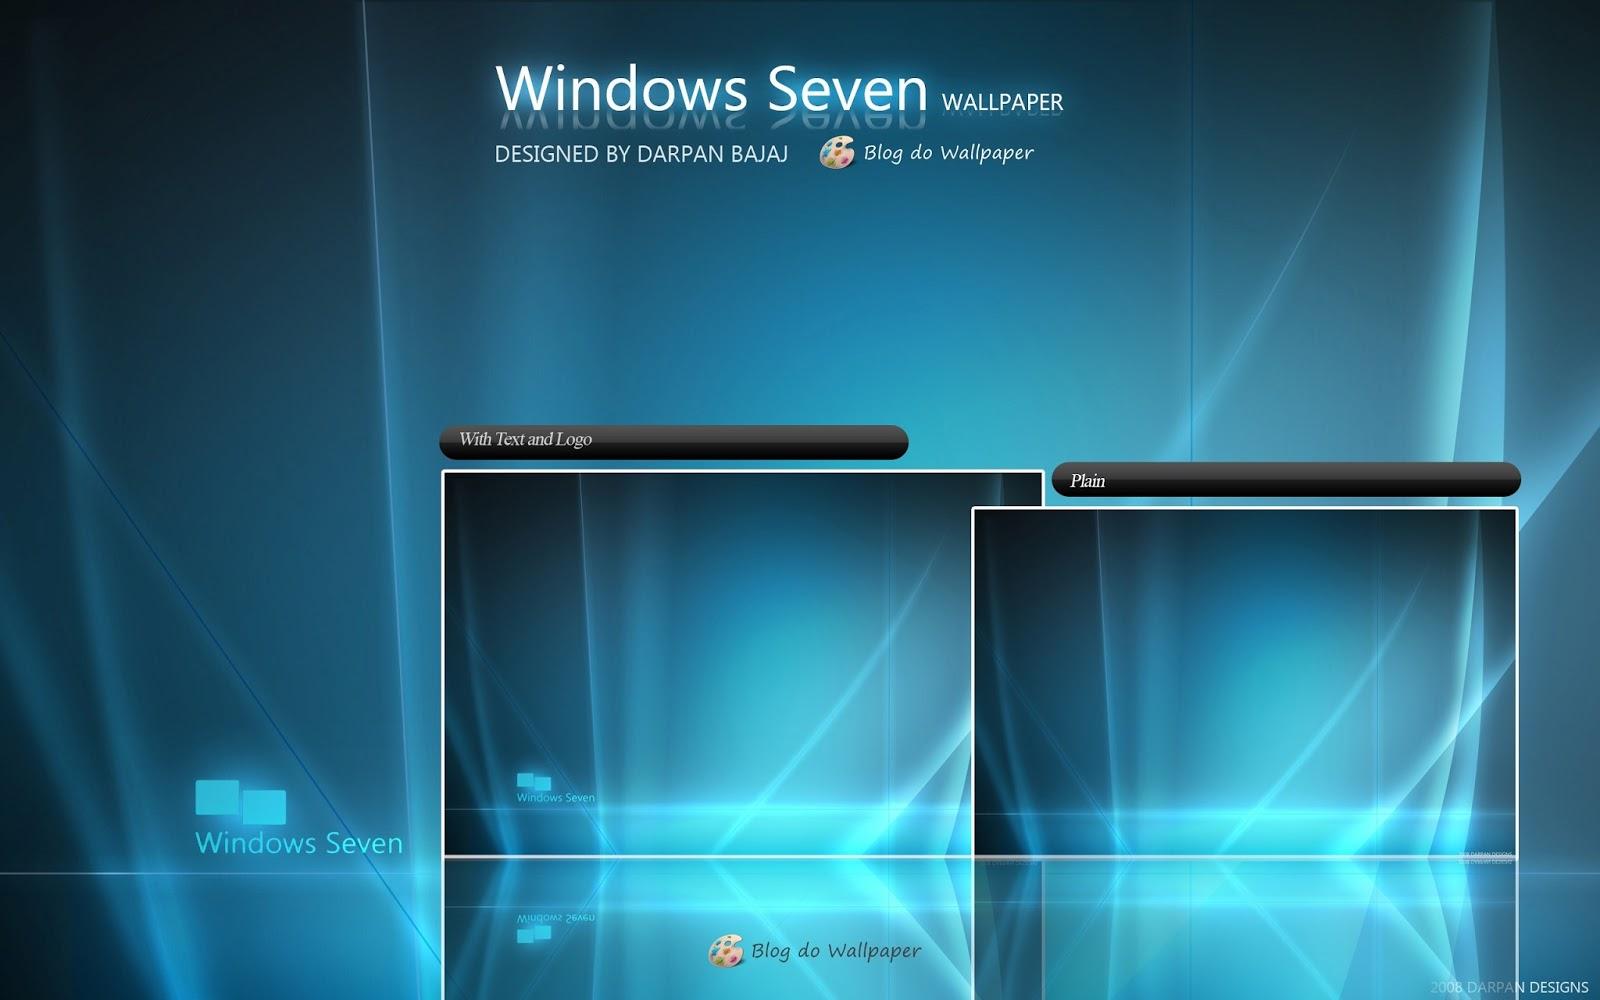 http://2.bp.blogspot.com/-zBOHZ3326BM/UYf5CnFjoiI/AAAAAAAAADk/Z8up2MtDm98/s1600/windows_seven_wallpaper_by_darpan_aero1.jpg